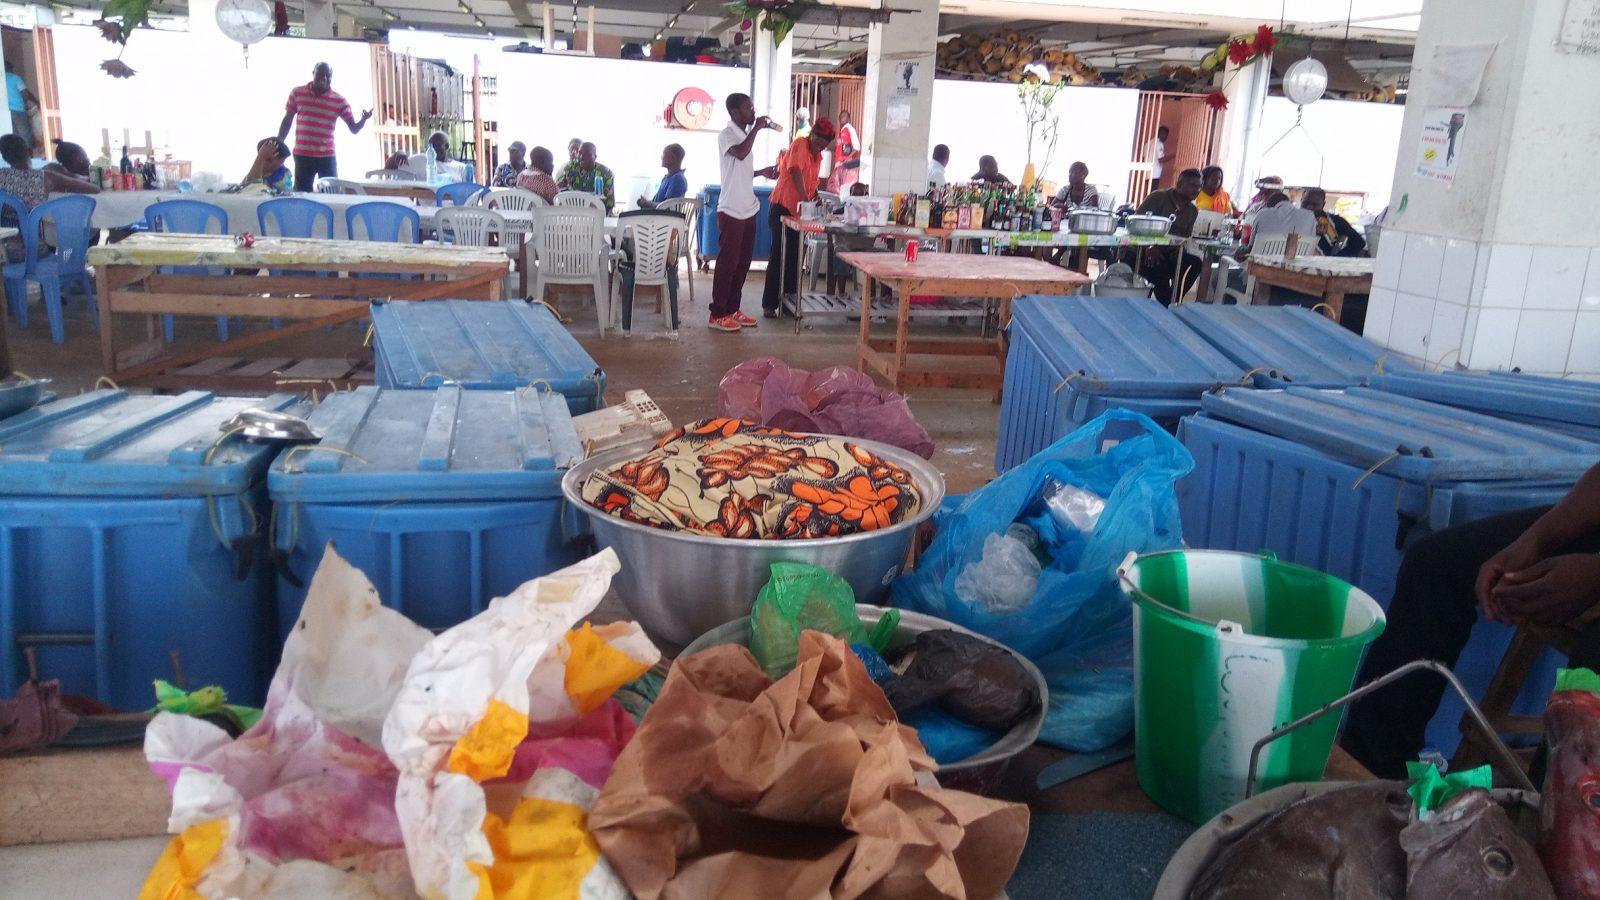 Libreville - Bar à ciel ouvert dans un marché aux poissons - Photo : Roger Mawulolo